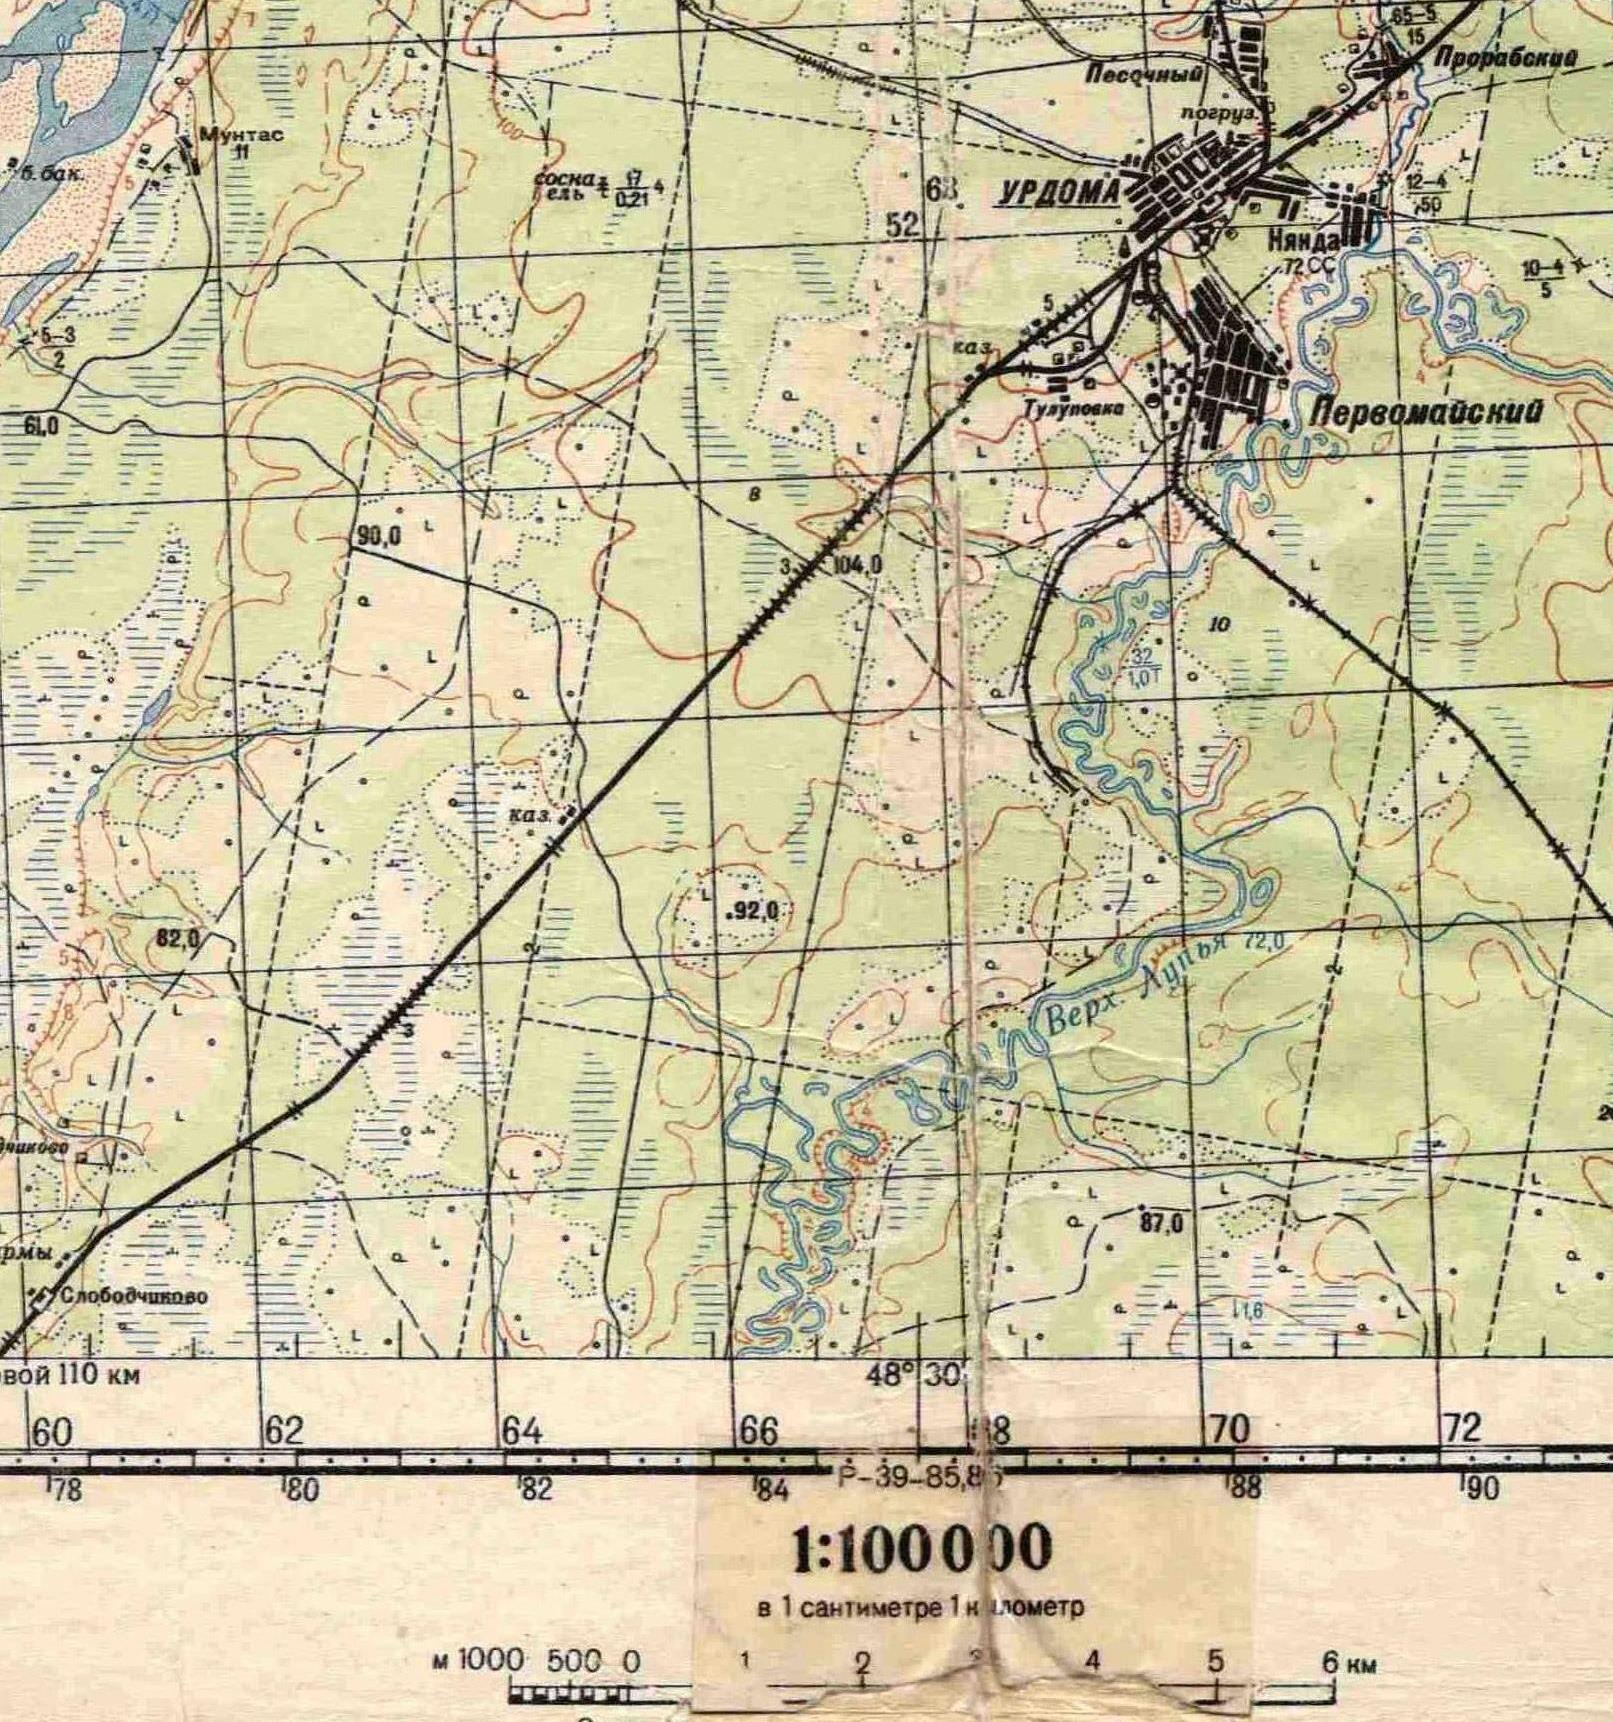 Карта Р-39-73,74 «Урдома», 1967 г. изд., сост. по материалам съемки 1962  г.